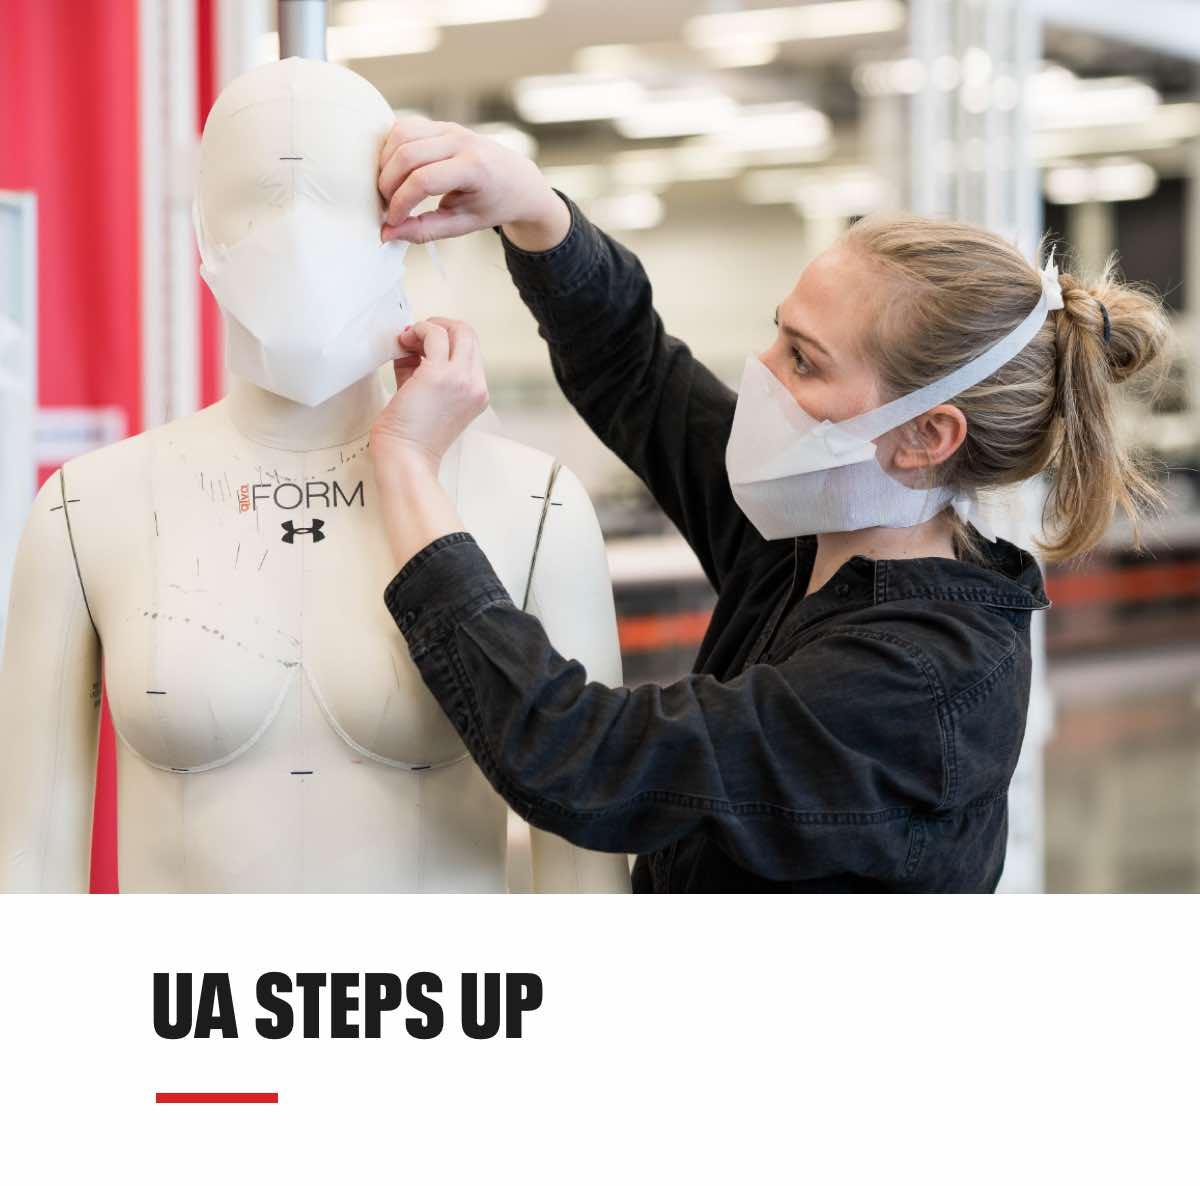 UA Steps Up